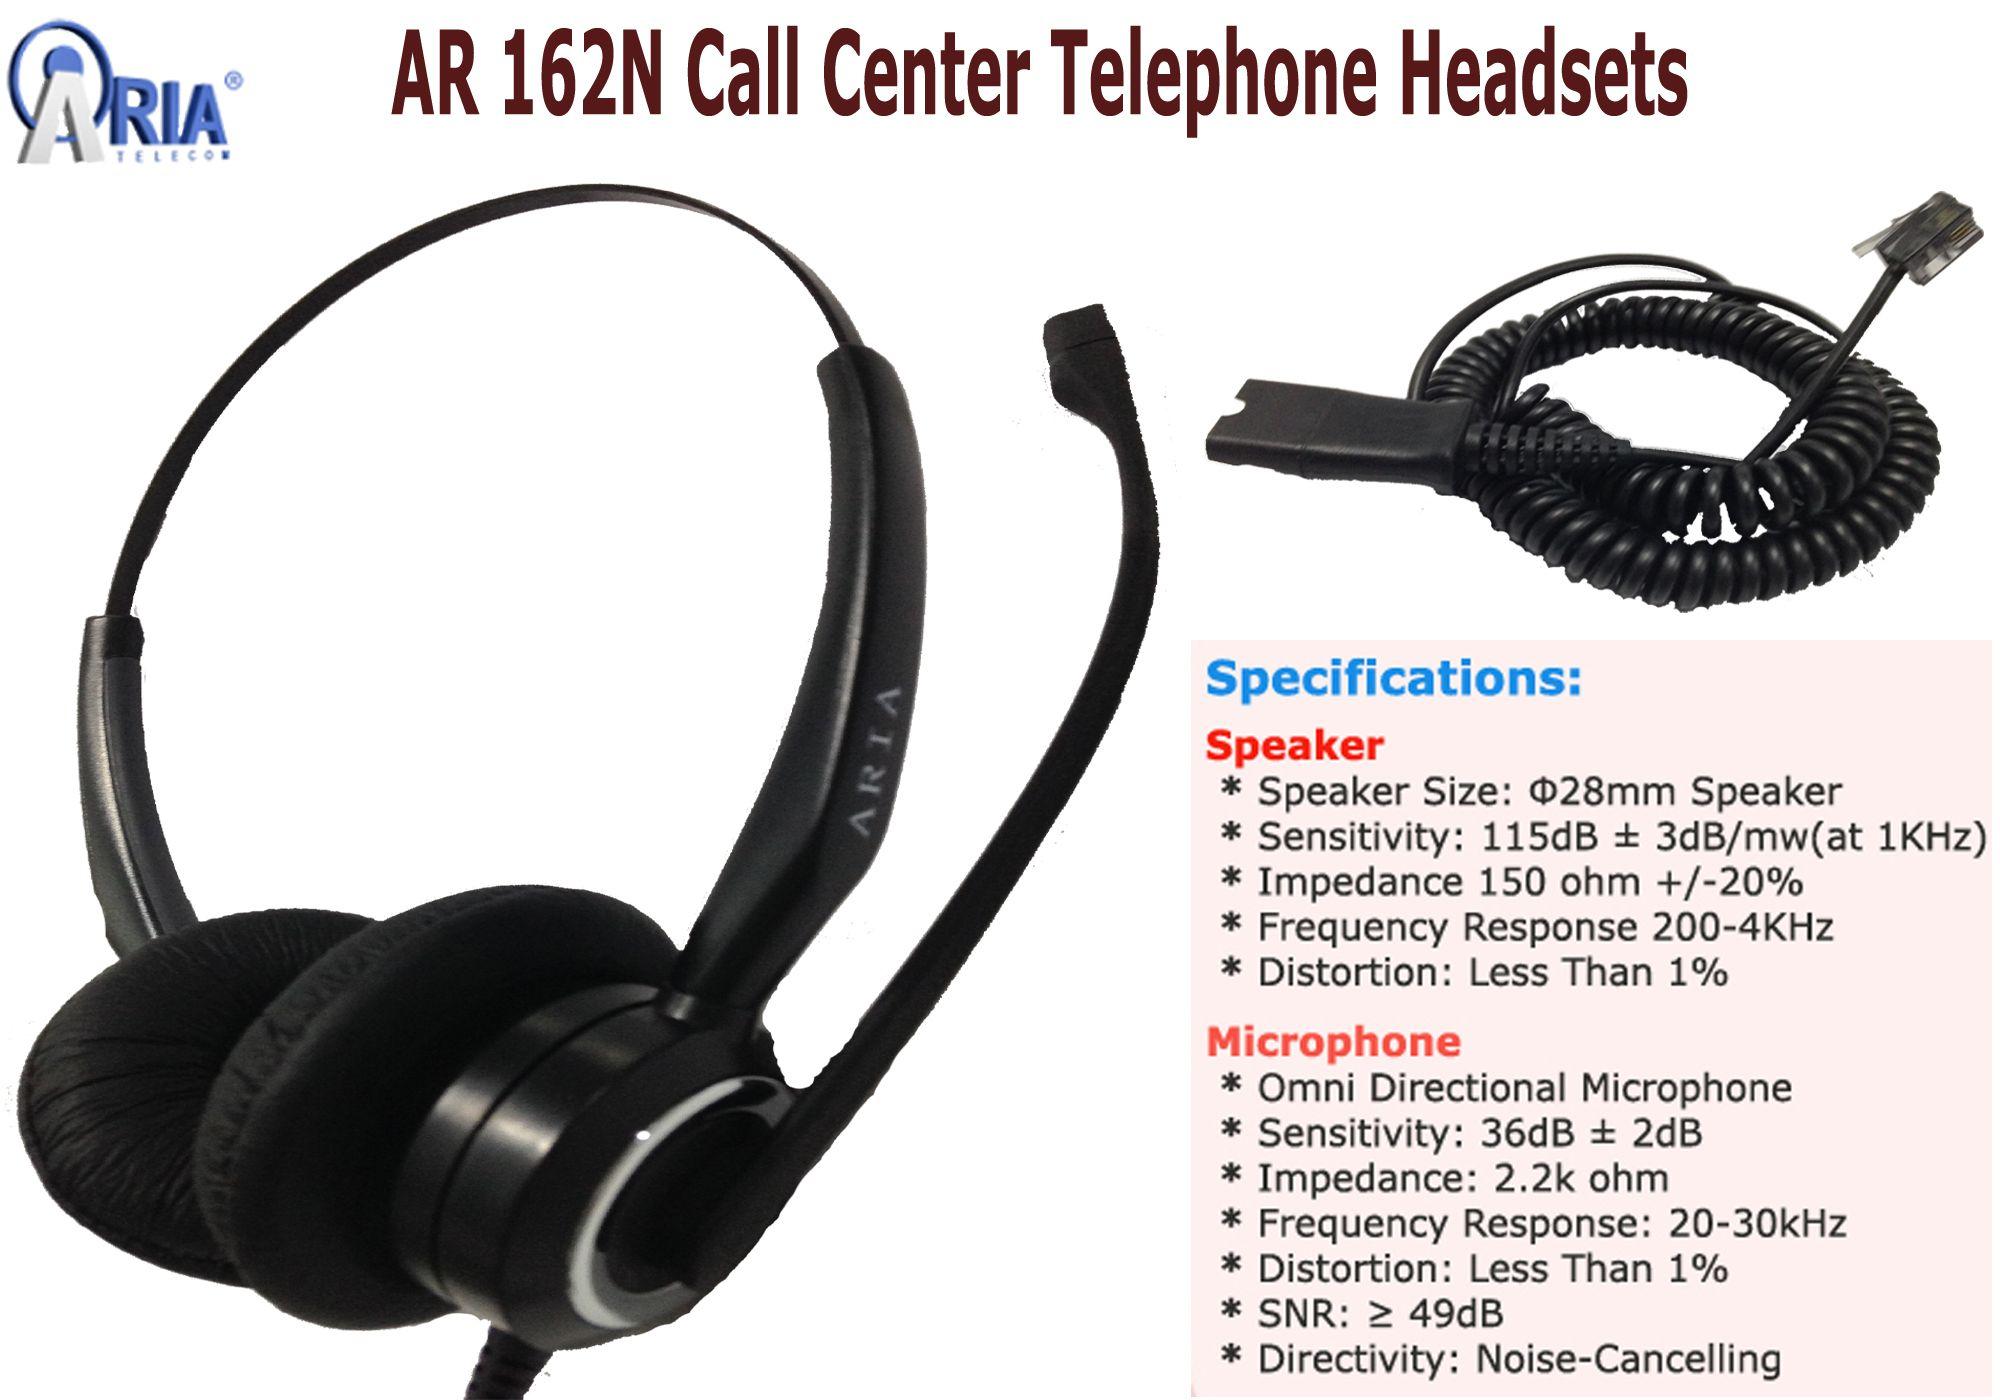 AR 162N Call Center Telephone Headsets with RJ9 QD - AR 162N